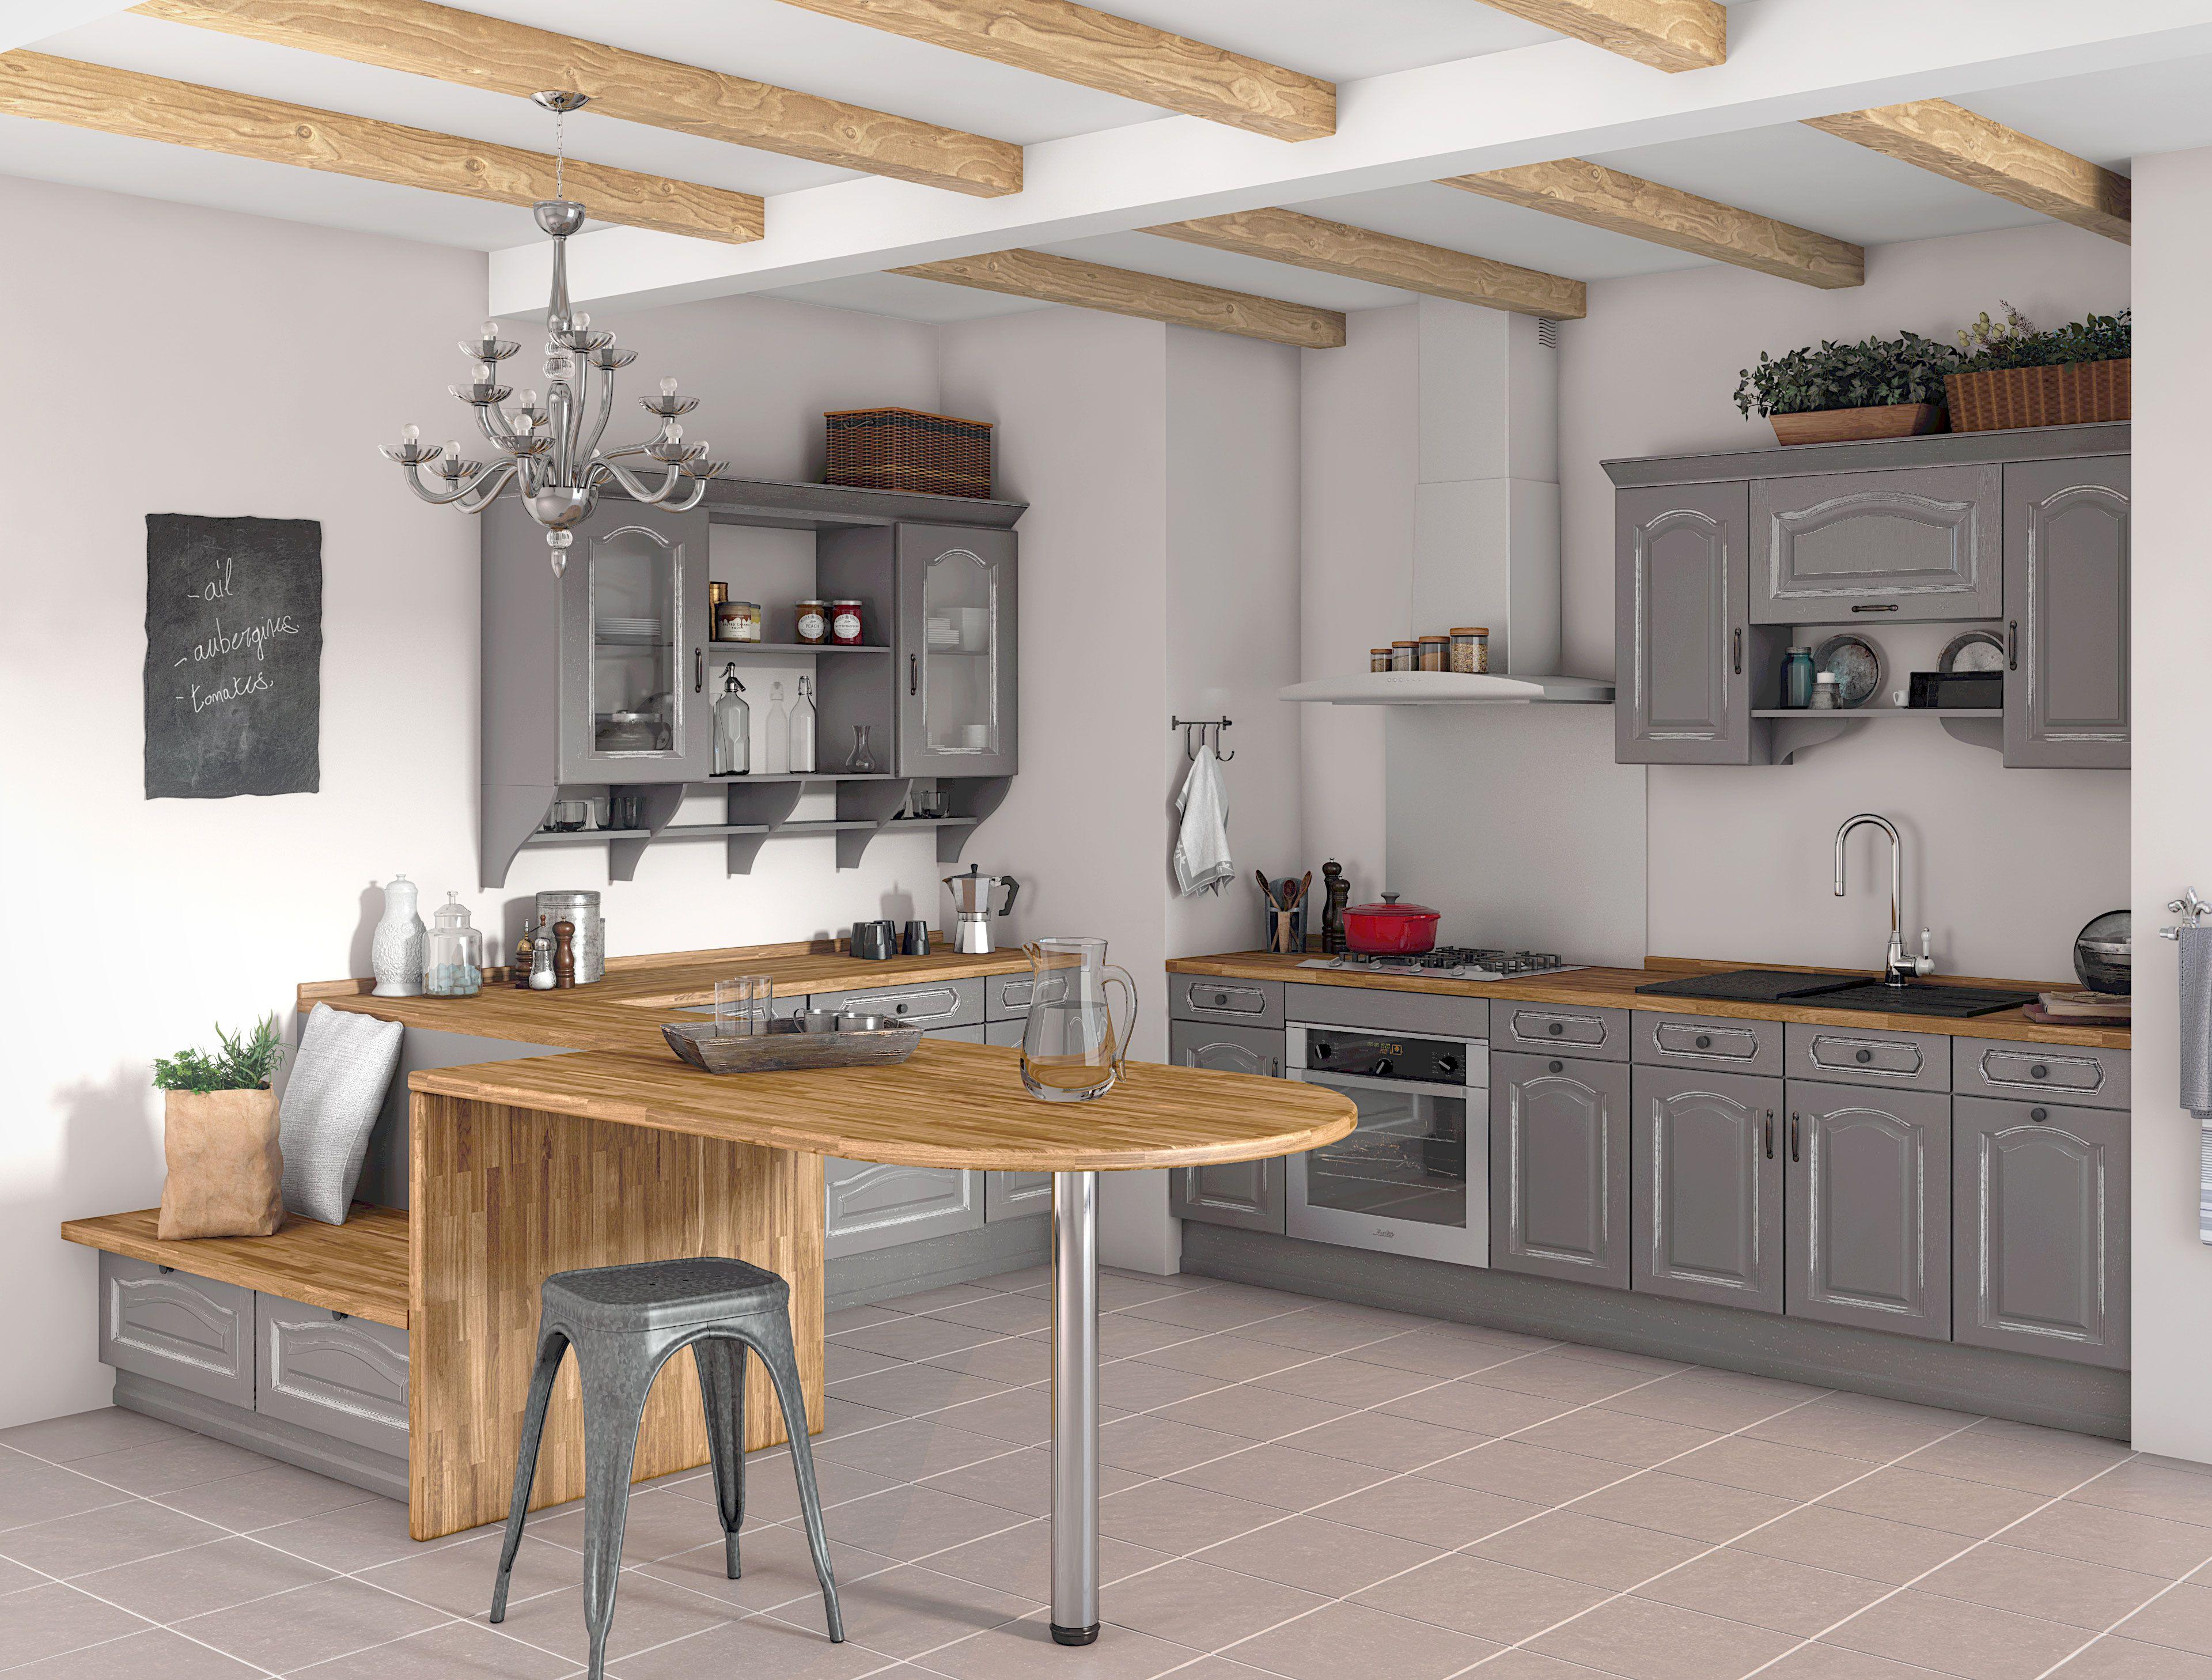 Perspective De Cuisine Realisee Pour Lapeyre Banquette Cuisine Idee Amenagement Cuisine Table Cuisine Ikea